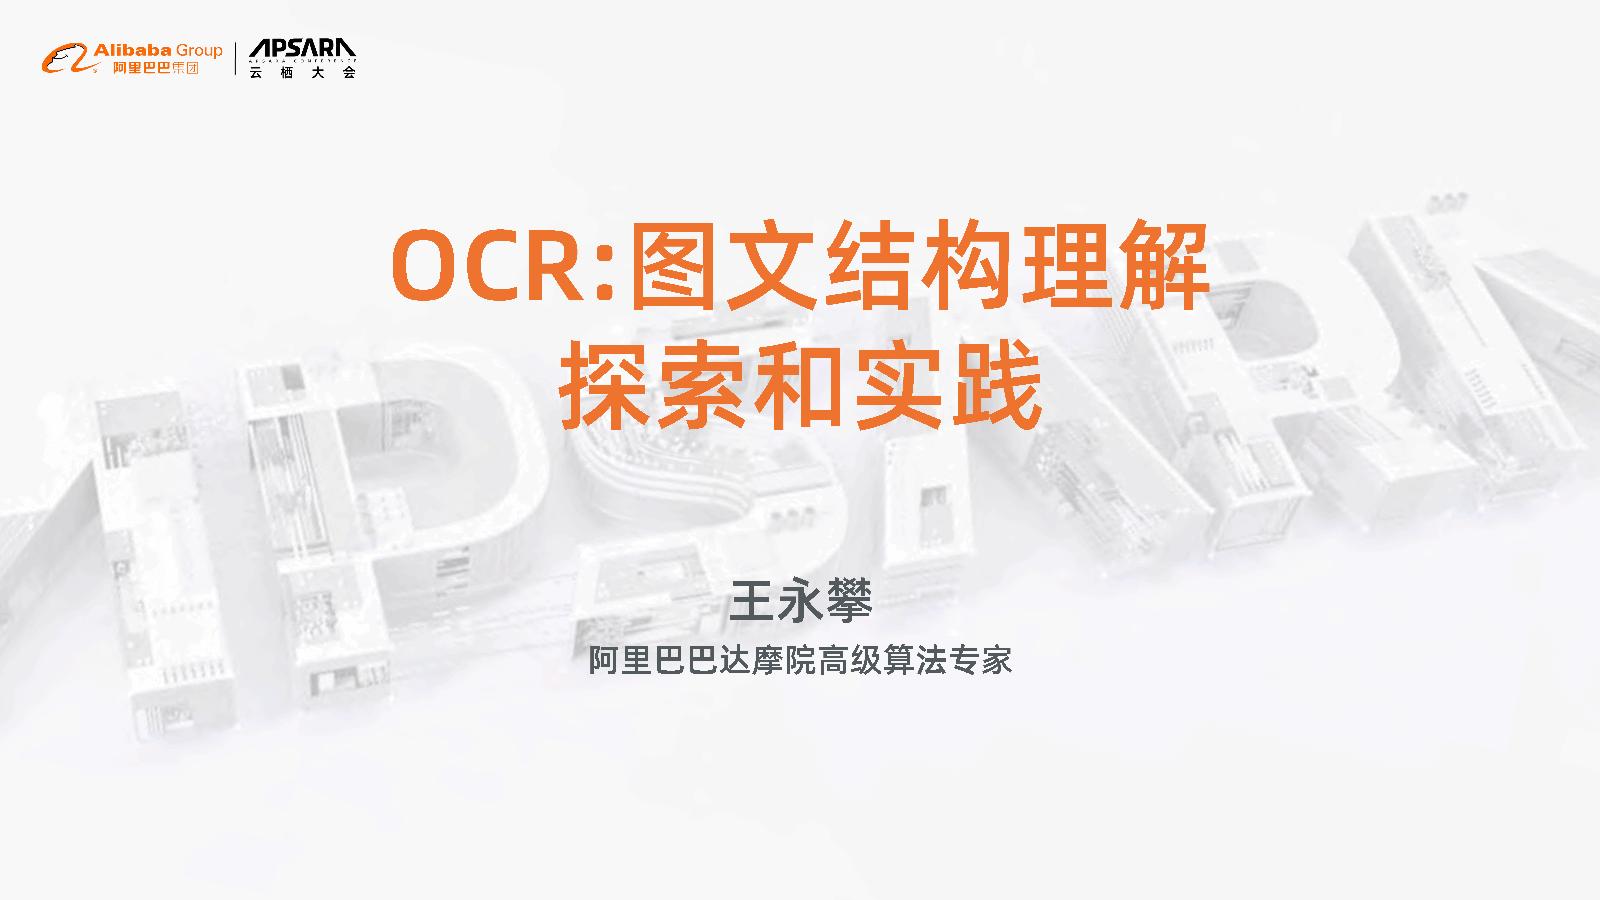 王永攀-OCR图文结构理解探索和实践